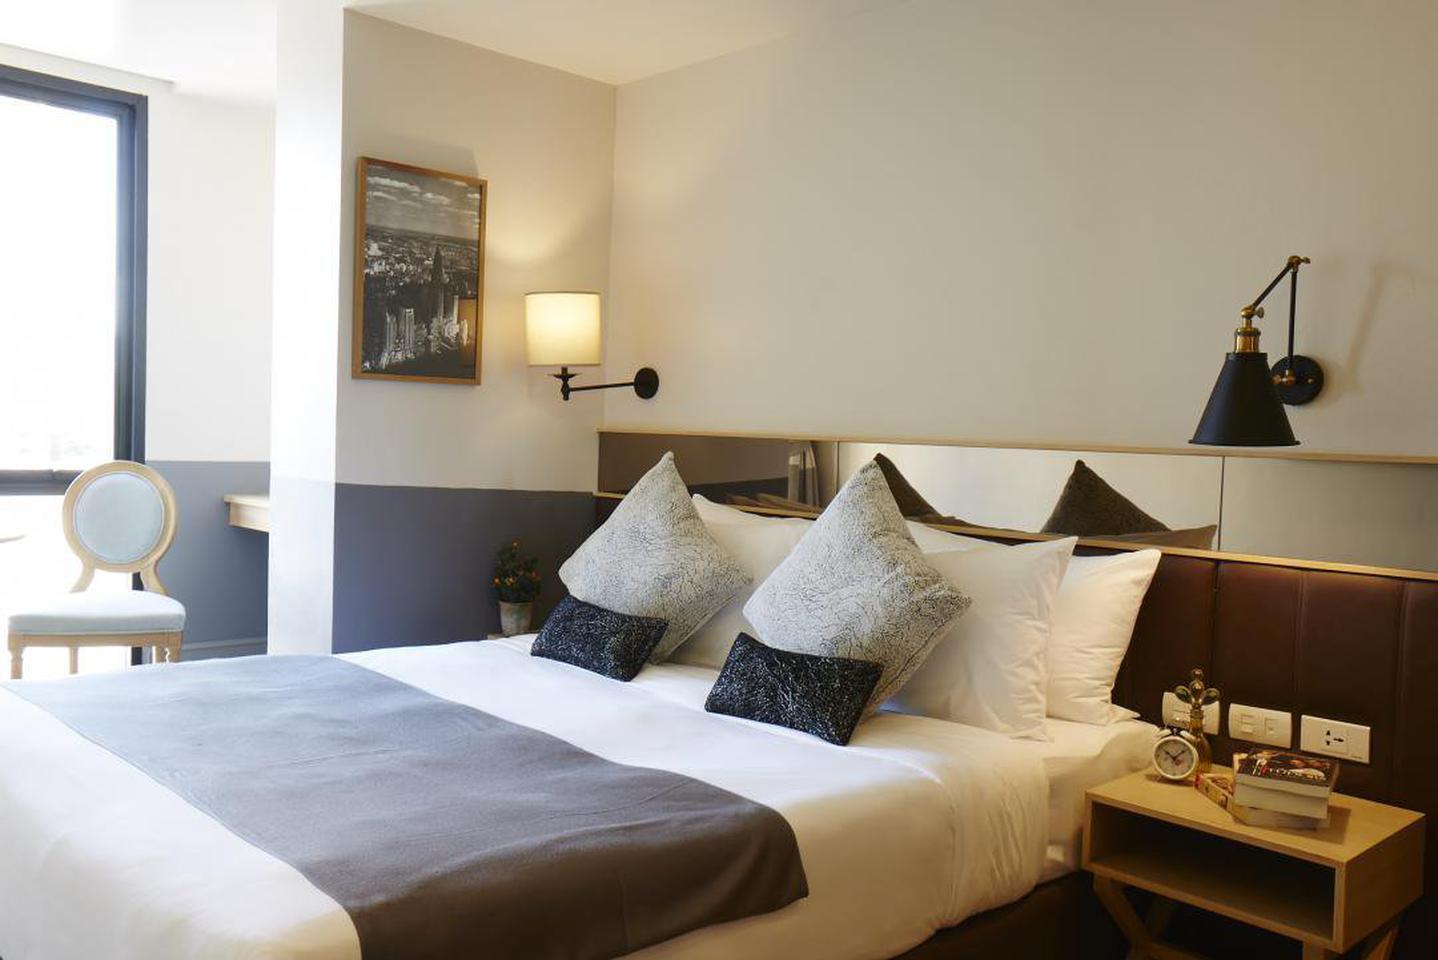 โรงแรมเปิดใหม่ ใจกลางกรุง ติดรถไฟฟ้า ราชเทวี รูปที่ 6